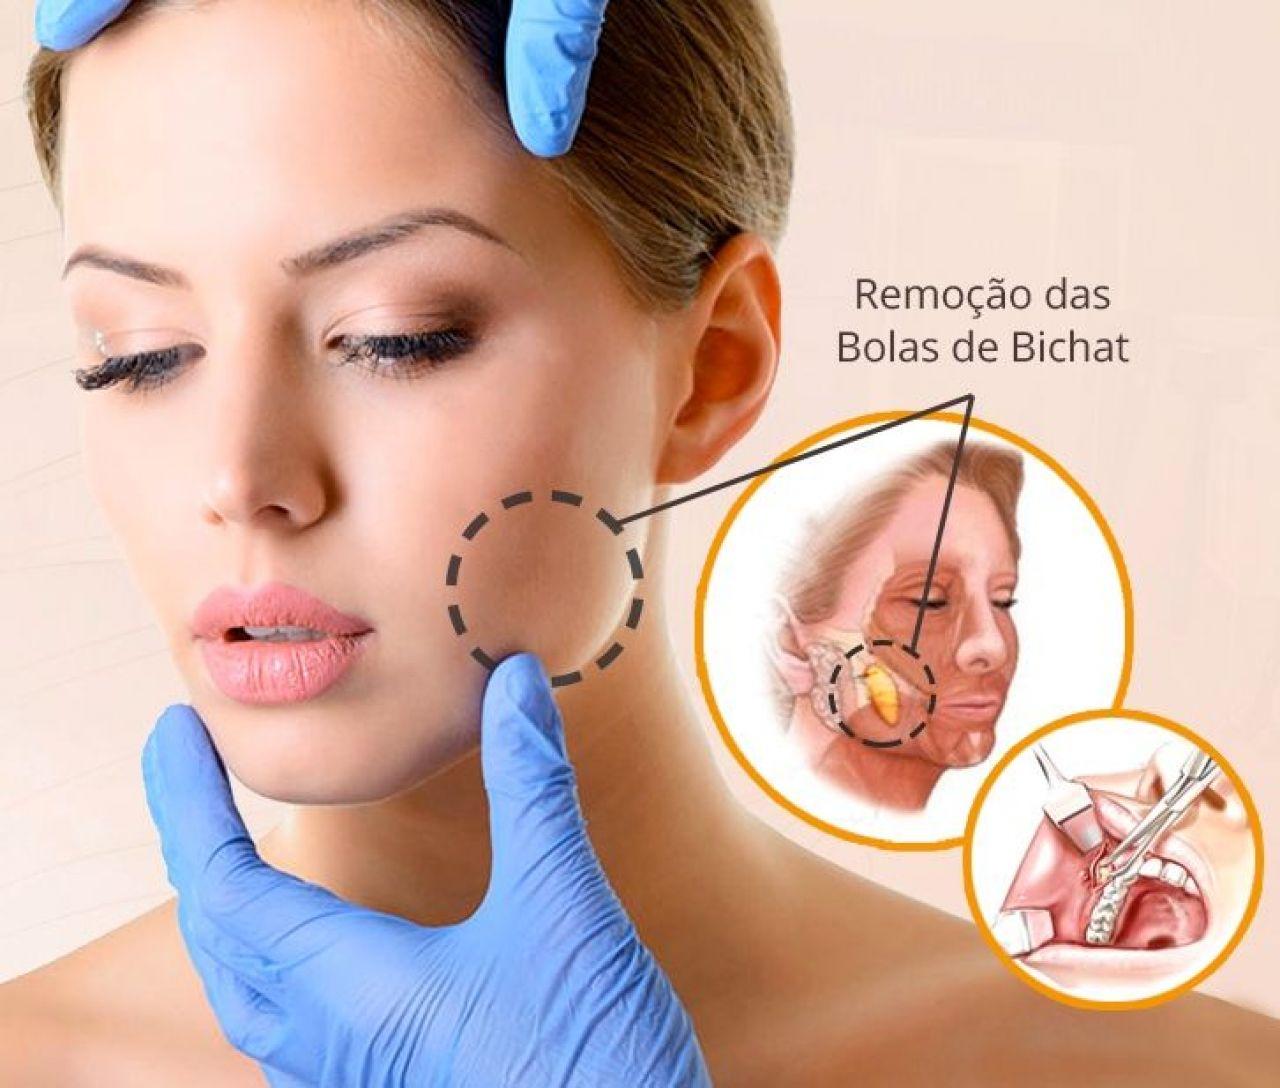 Ilustração explicativa sobre a Bola de Bichat: Bichectomia